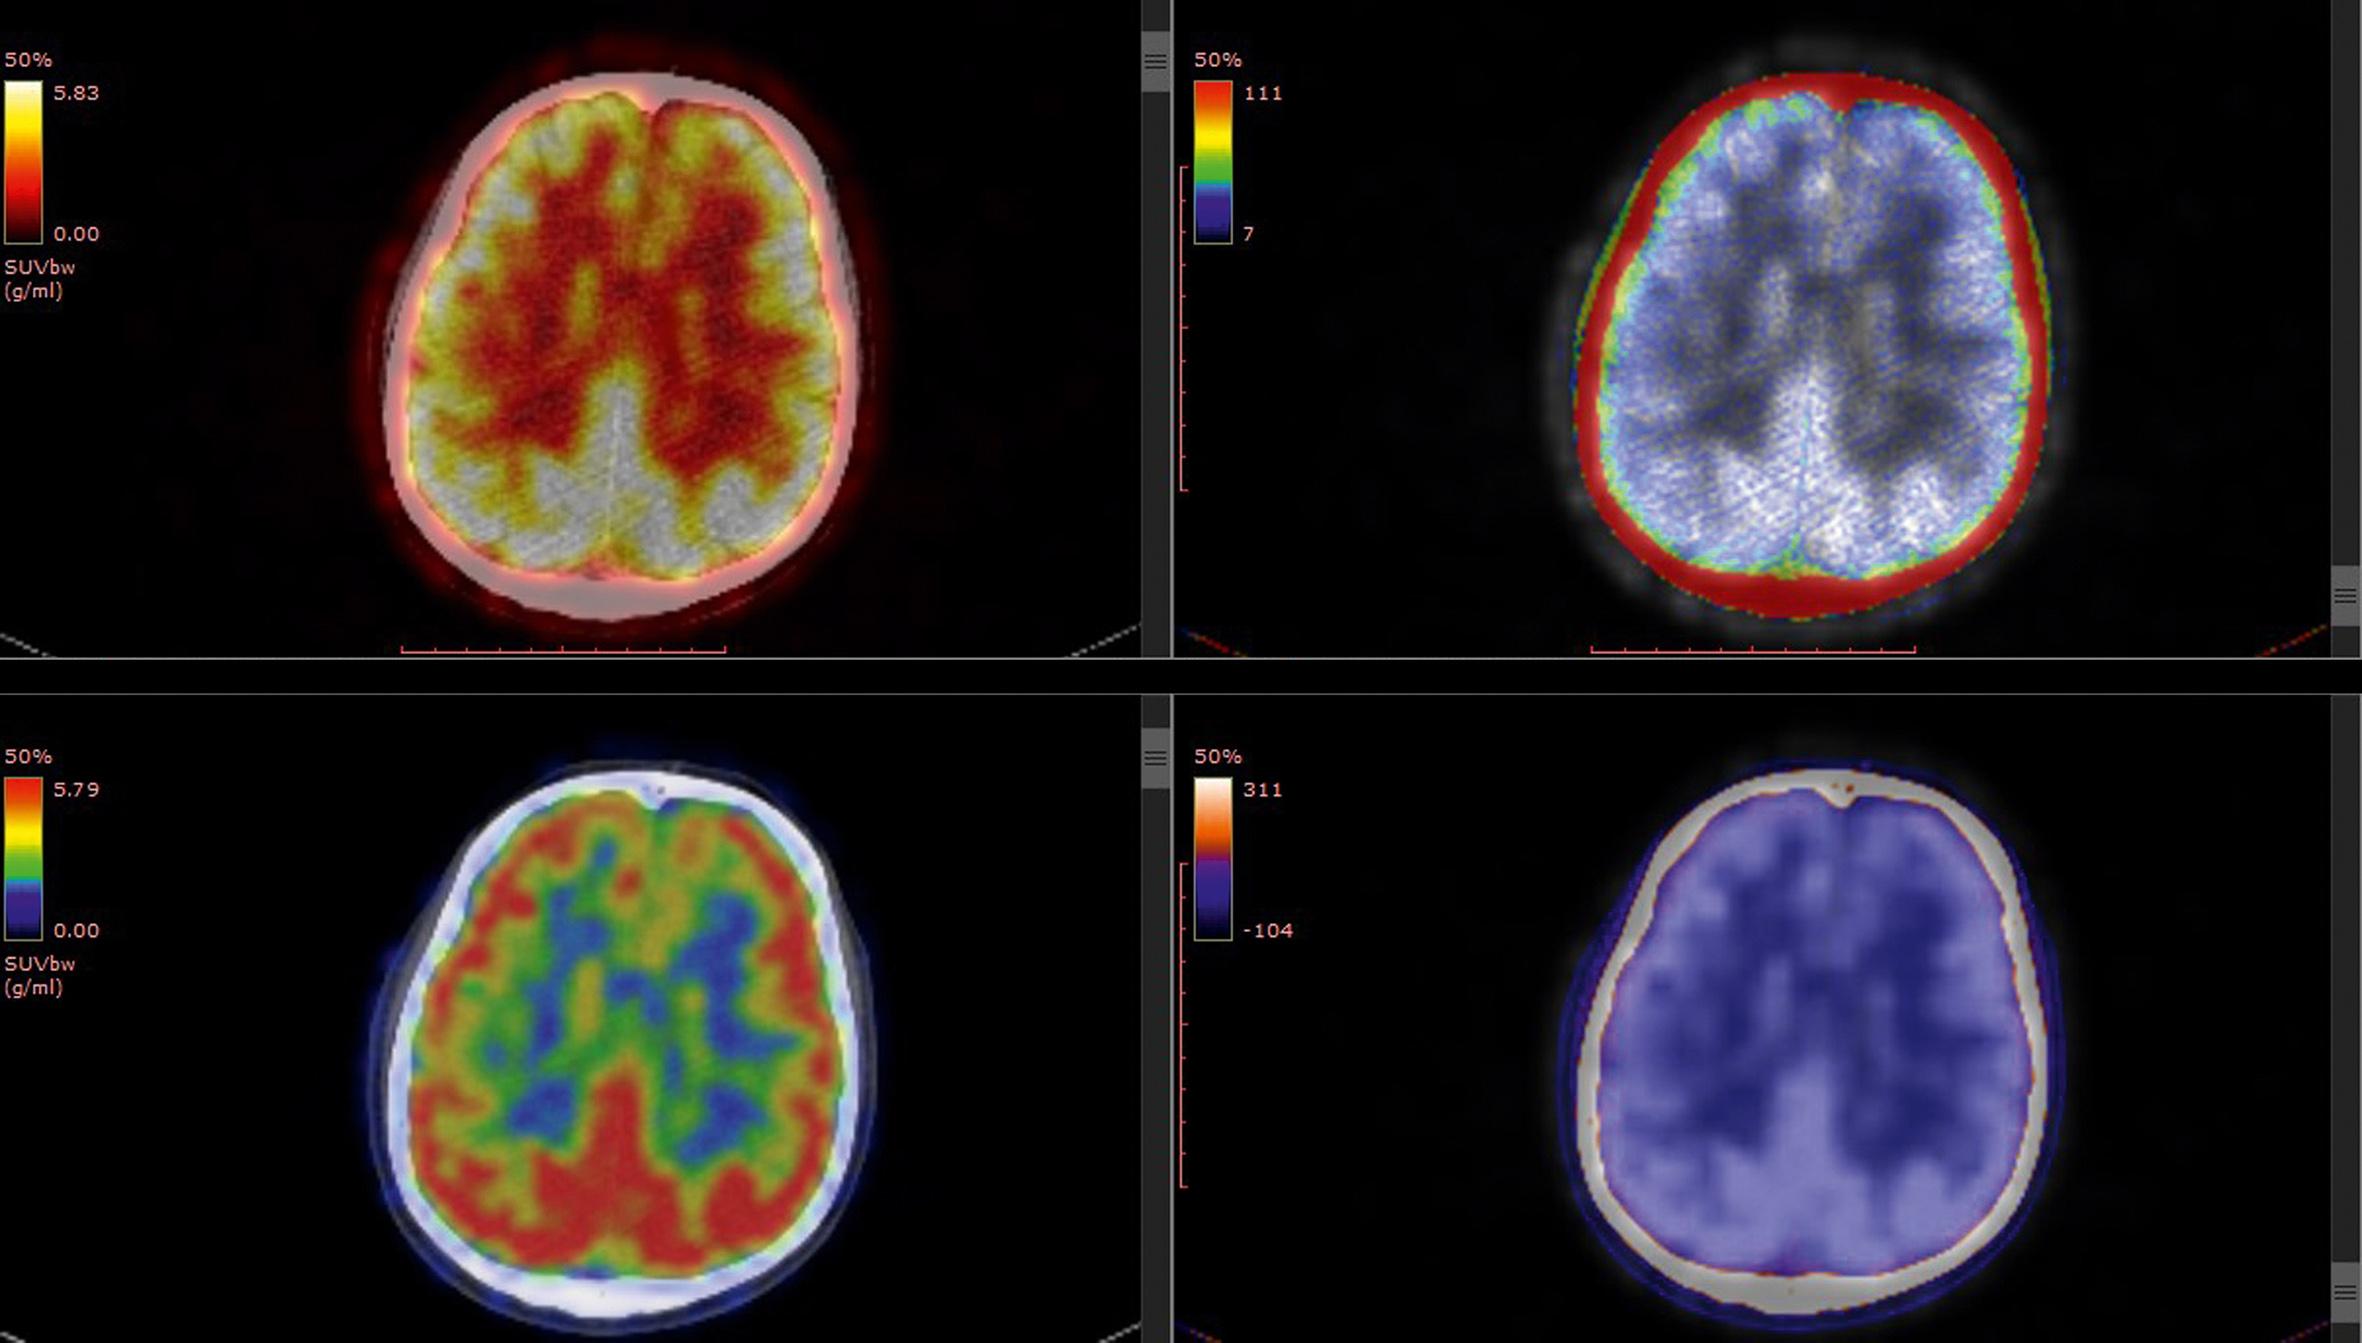 L'Aducanumab, le médicament du futur contre Alzheimer ?